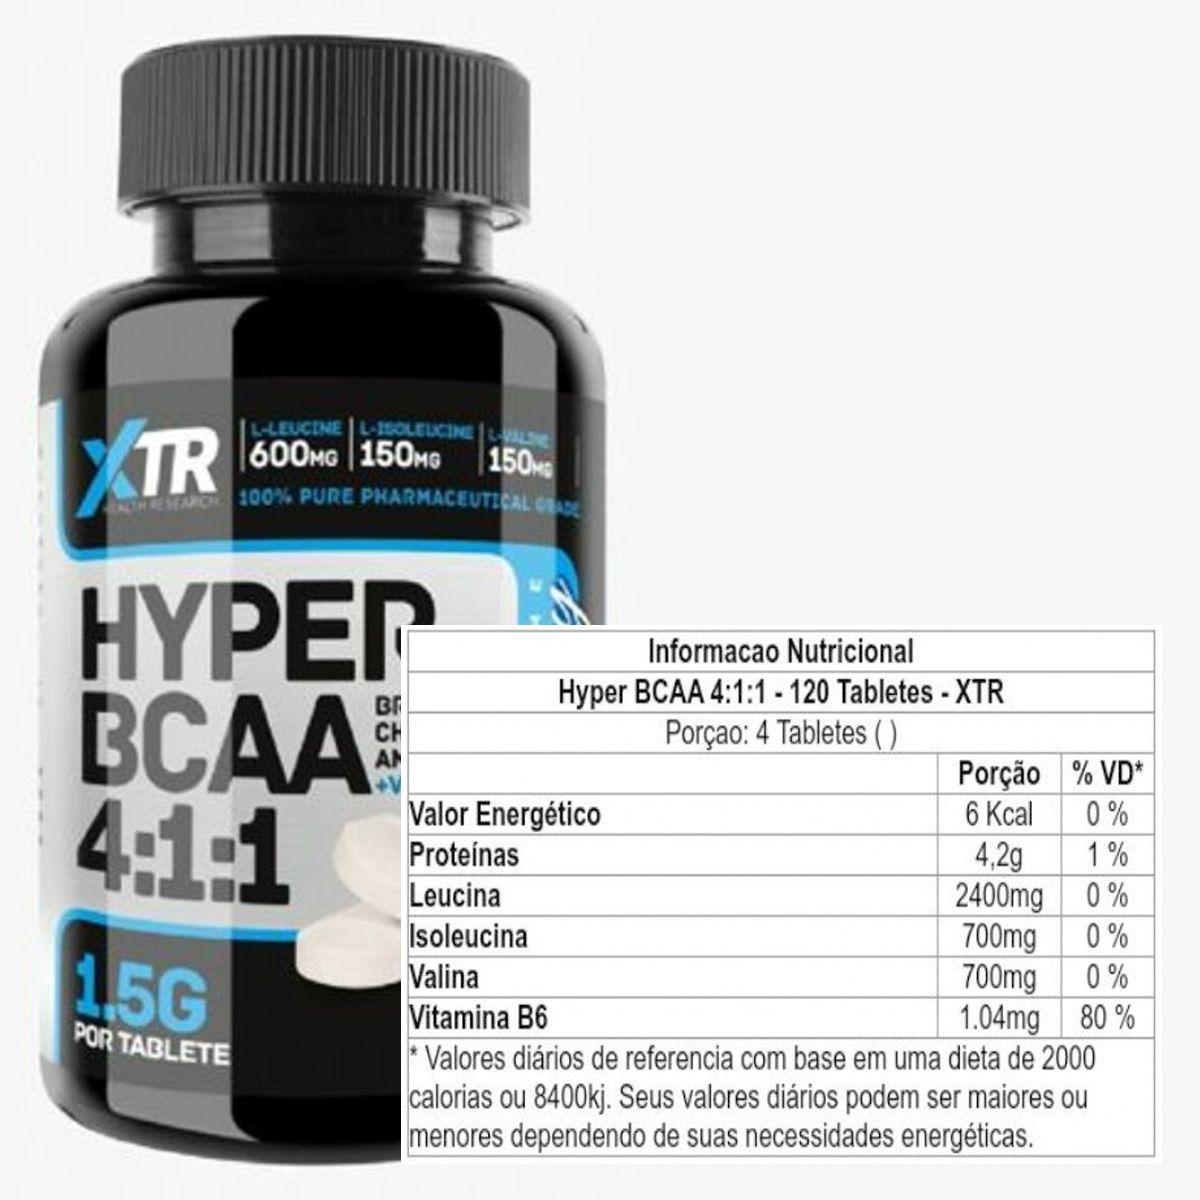 Hyper BCAA 4:1:1 120 tabletes - XTR